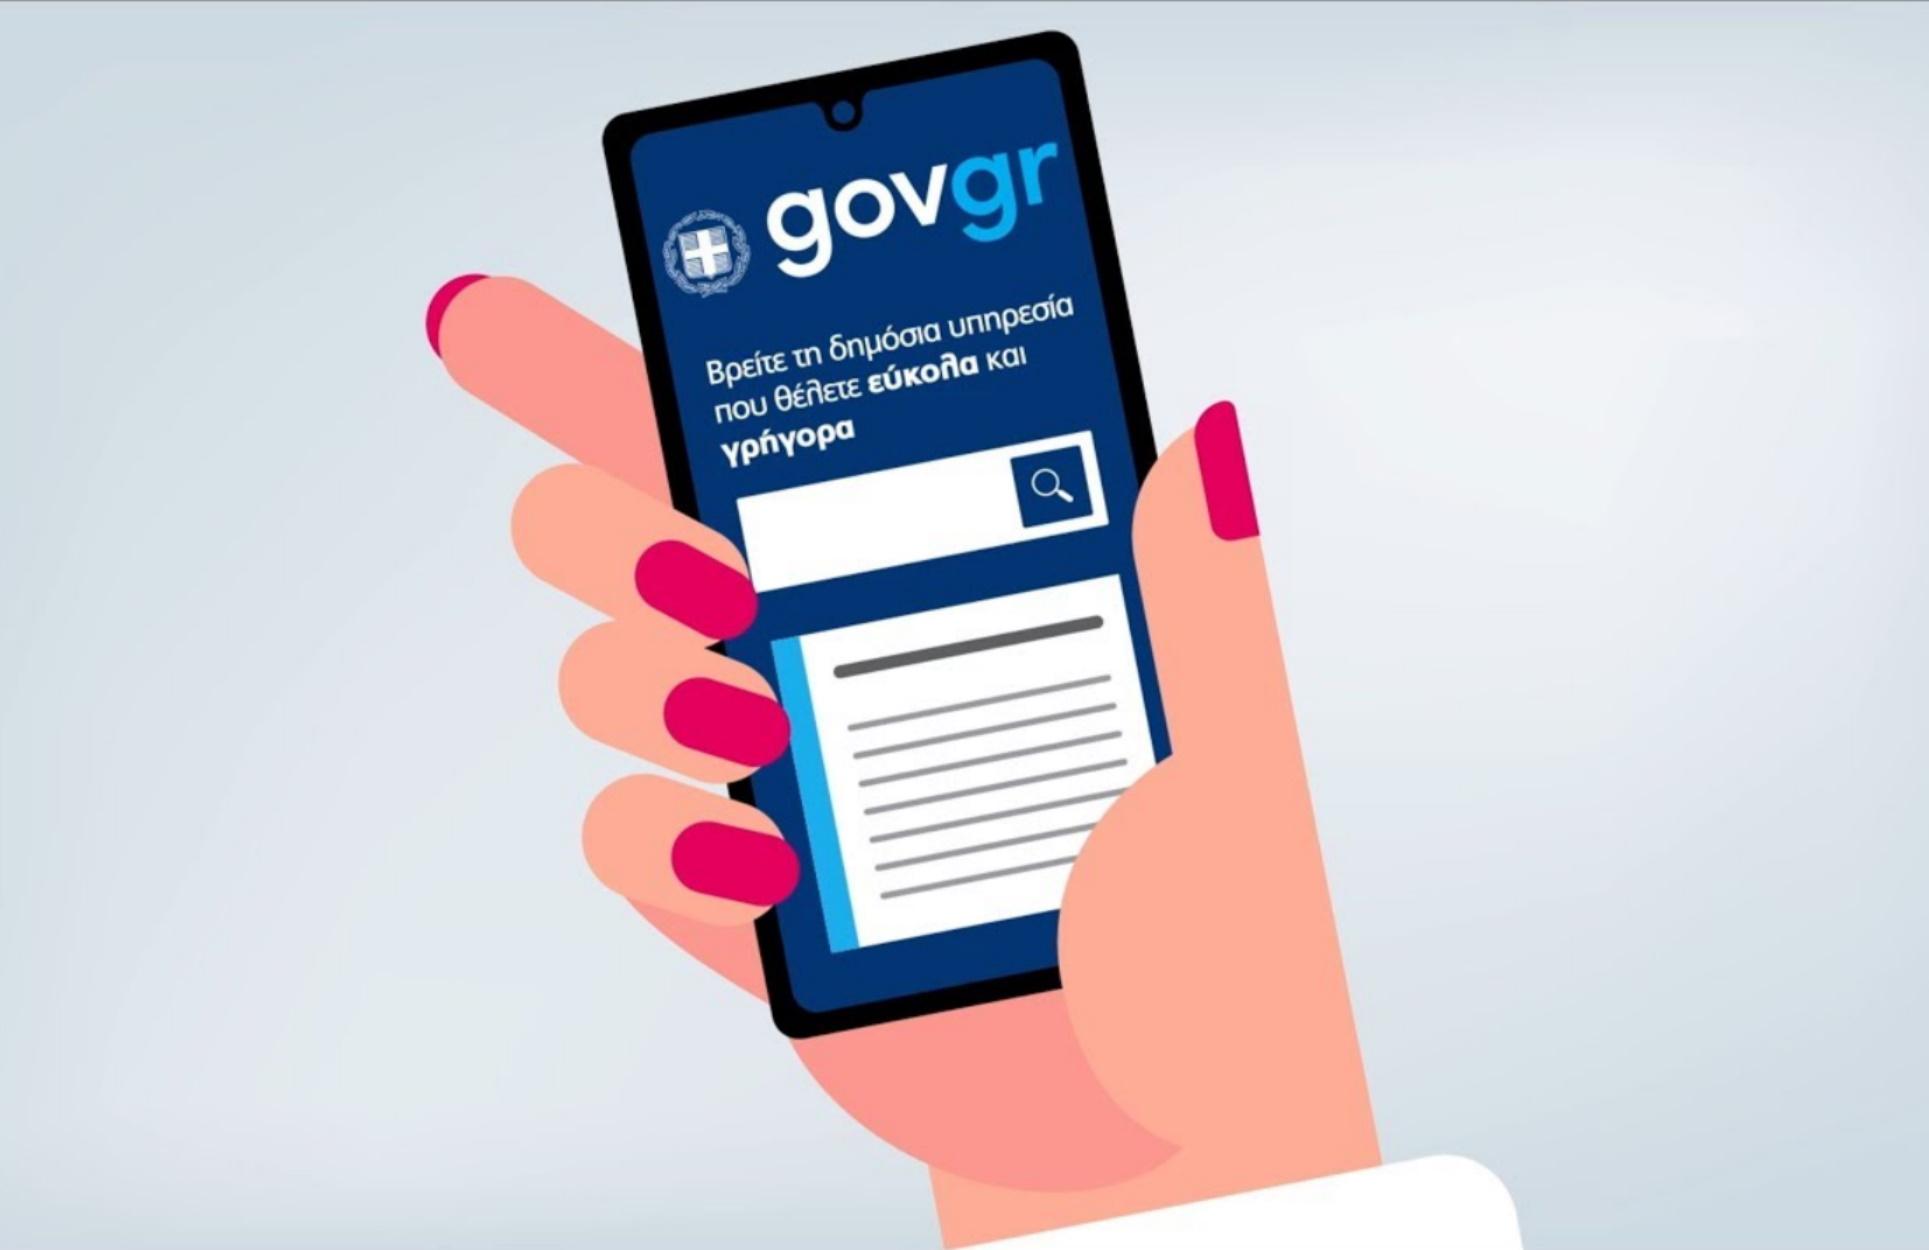 Ηλεκτρονική Πλατφόρμα Ψηφιακής Διακυβερνησης